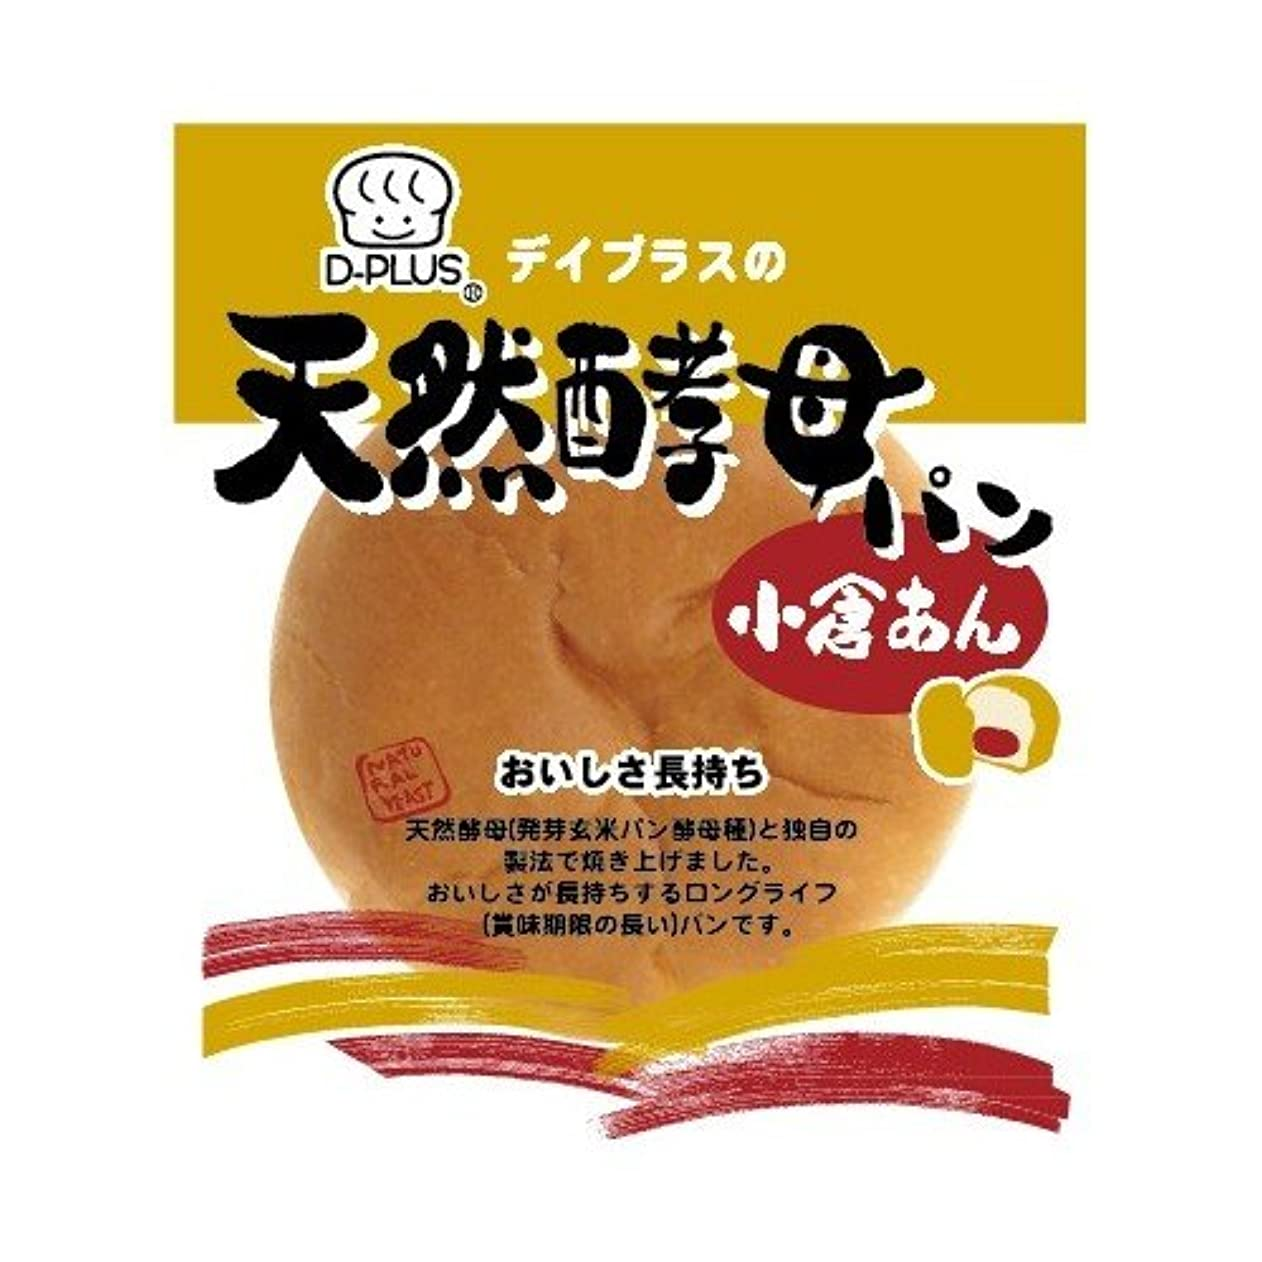 繊毛盆地コンチネンタルヤマザキ 薄皮チョコパン 5個入り×3個 山崎パン横浜工場製造品